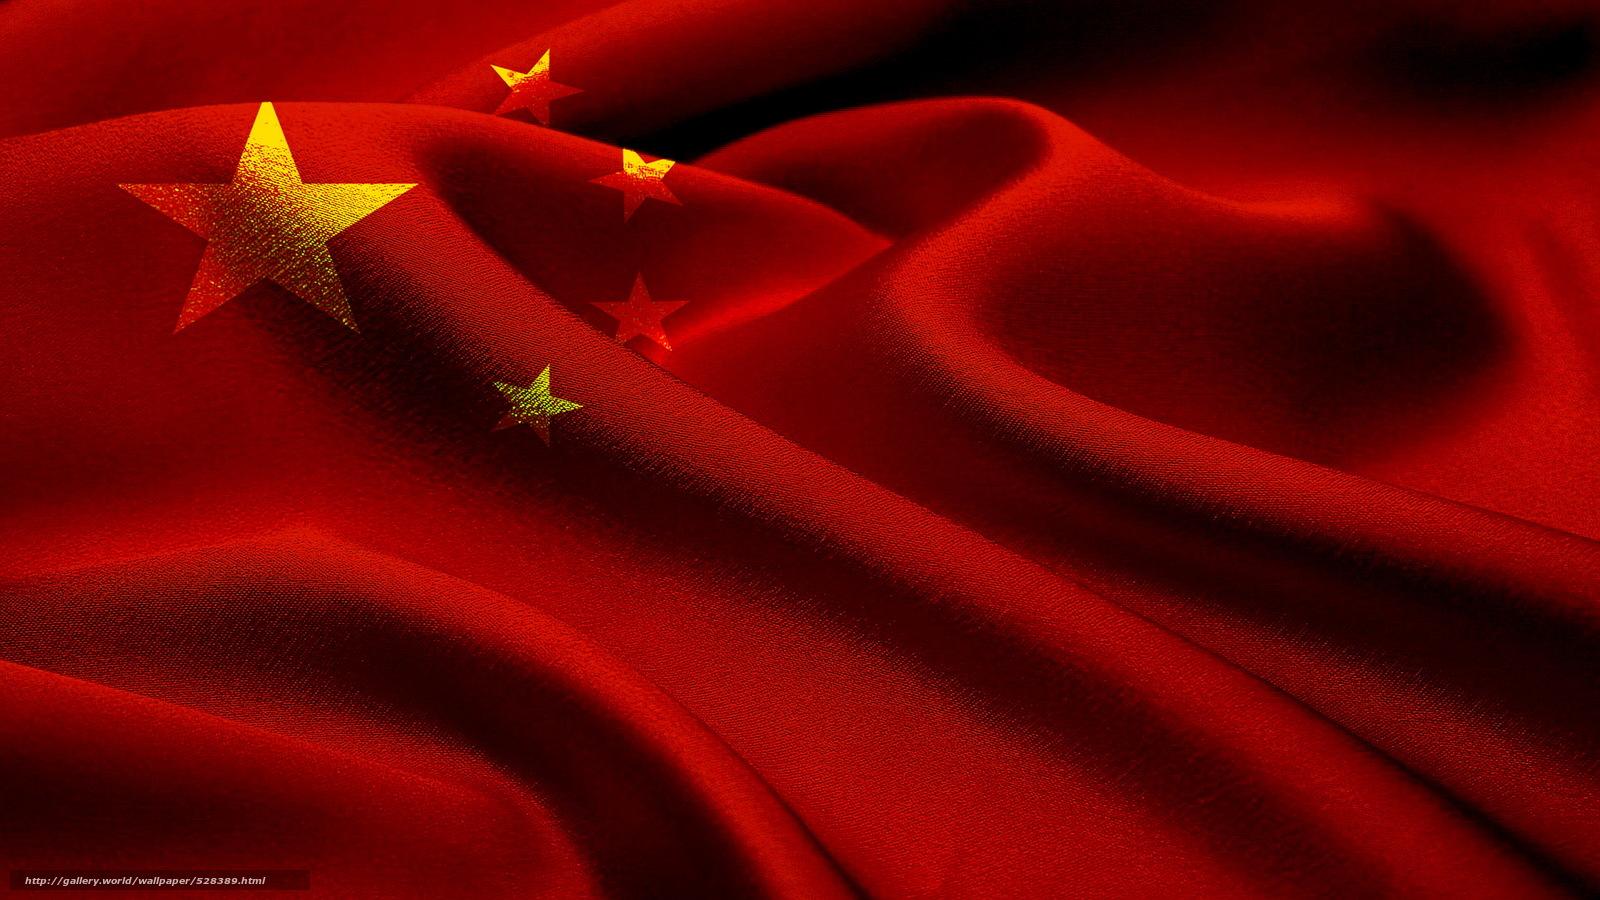 编辑壁纸下载 中国, 旗 免费桌面壁纸 — 图片 №528389: cn.gde-fon.com/fx/predownload/wallpaper/528389